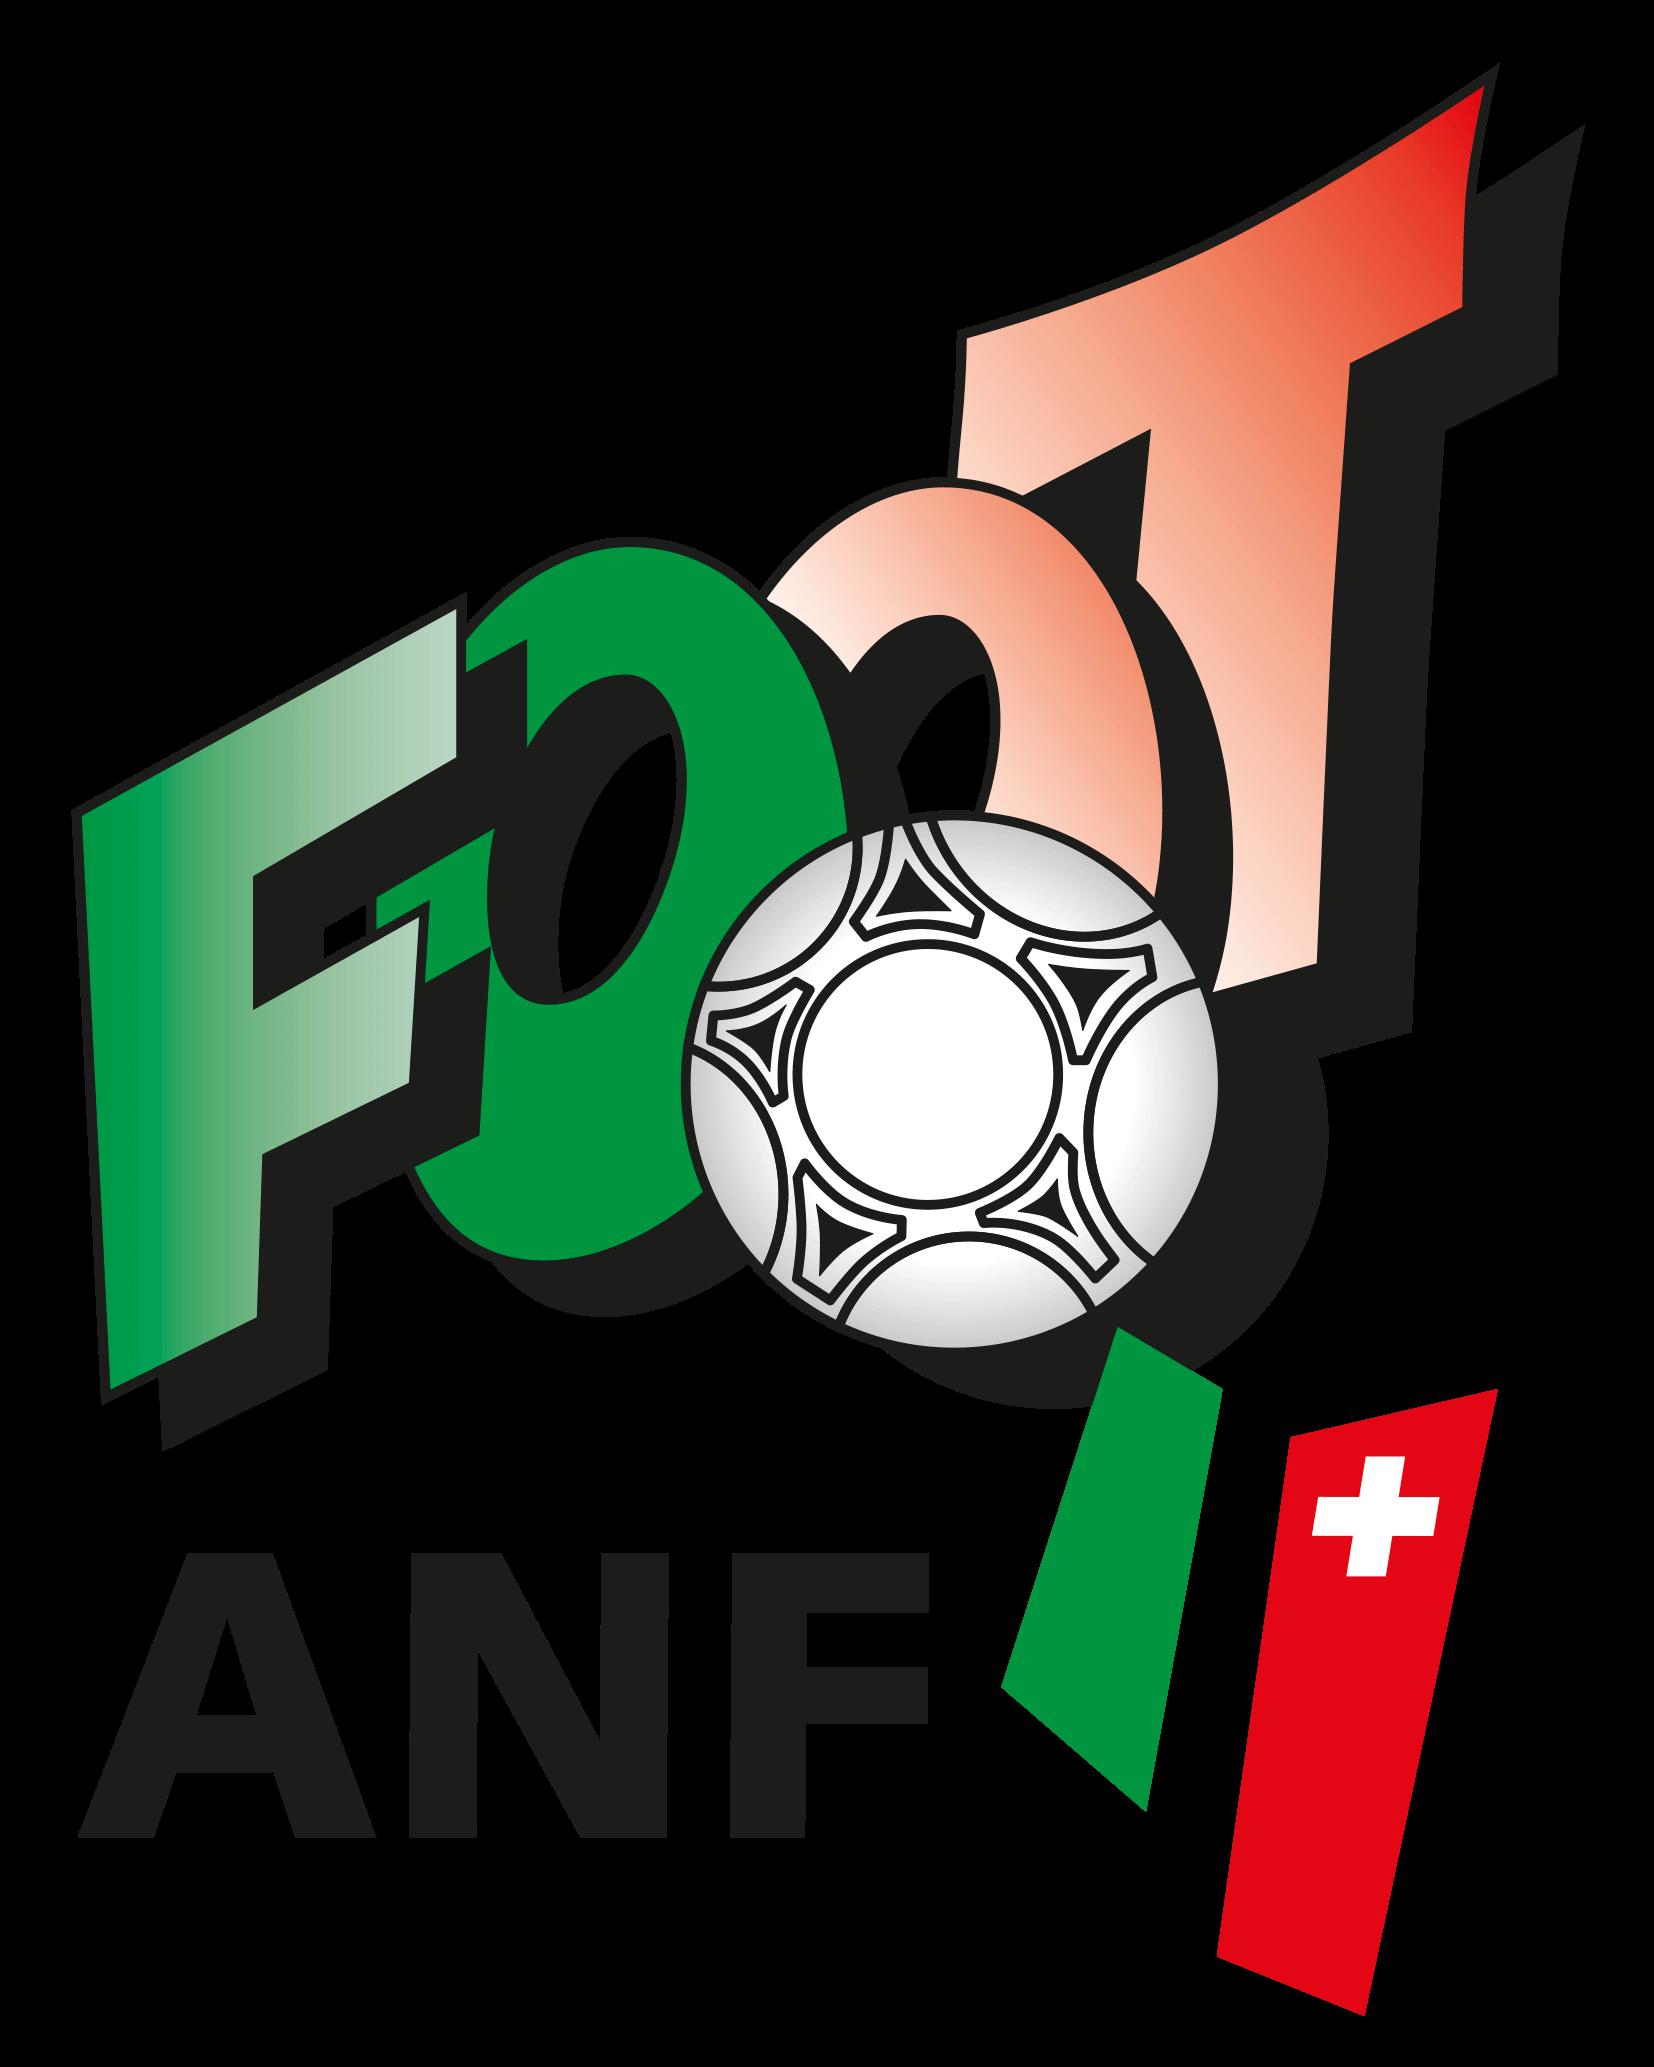 Association Neuchâteloise de Football (ANF)